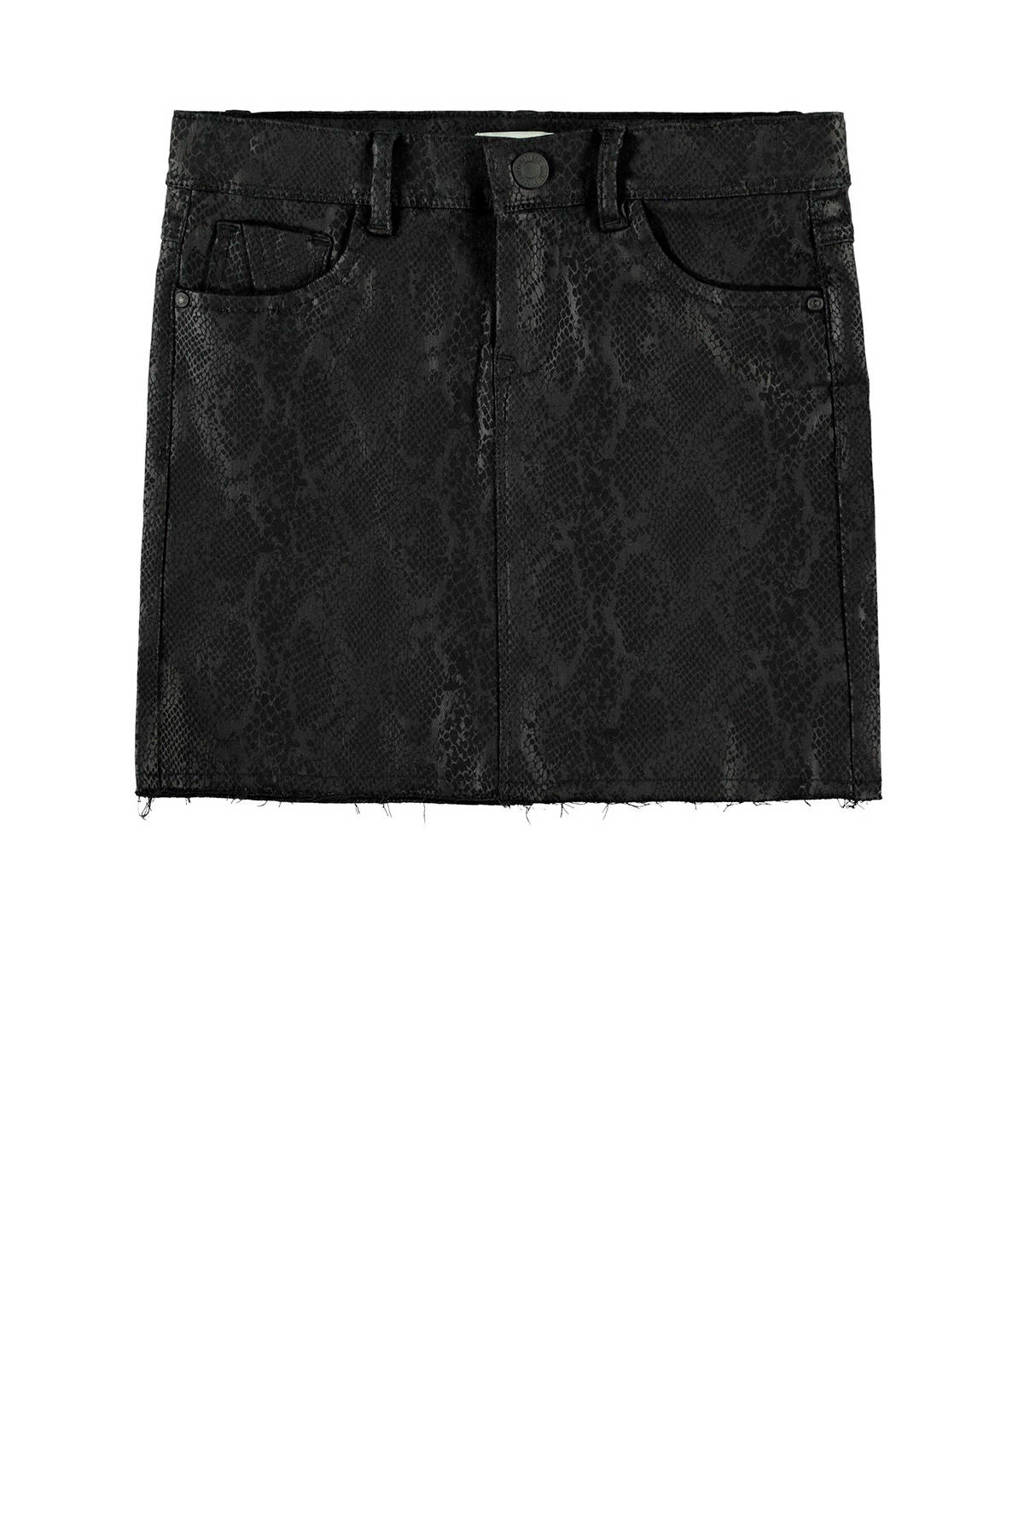 NAME IT KIDS rok met slangenprint zwart, Zwart